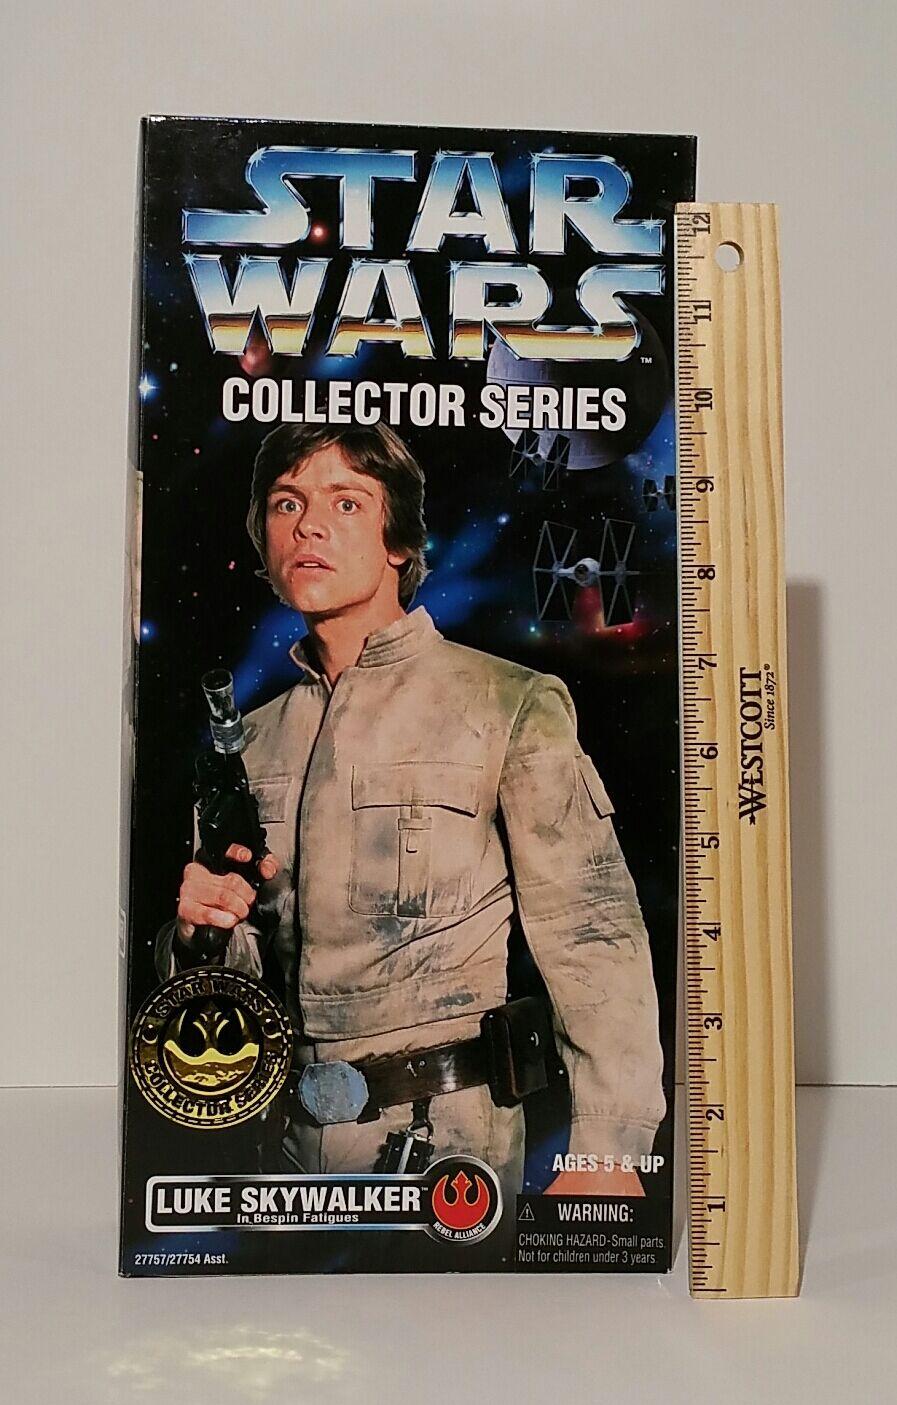 Star - wars - luke skywalker bespin strapazen sammler - serie in bild 1996.